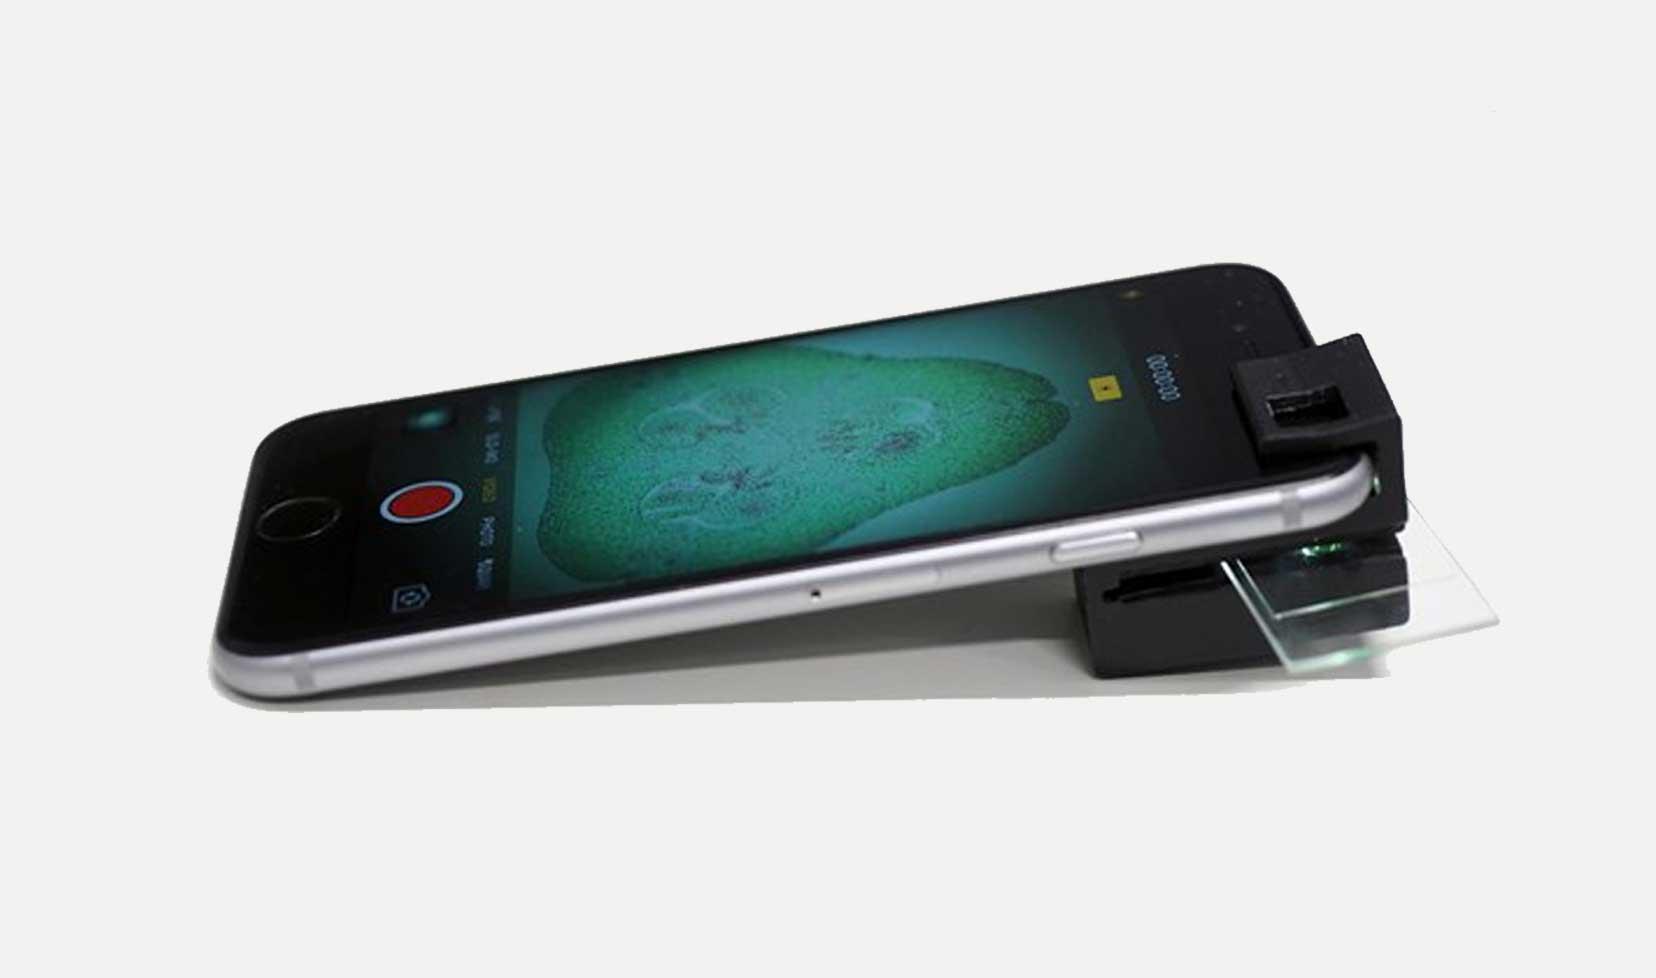 06 1 - Esse acessório transforma seu smartphone num microscópio completo